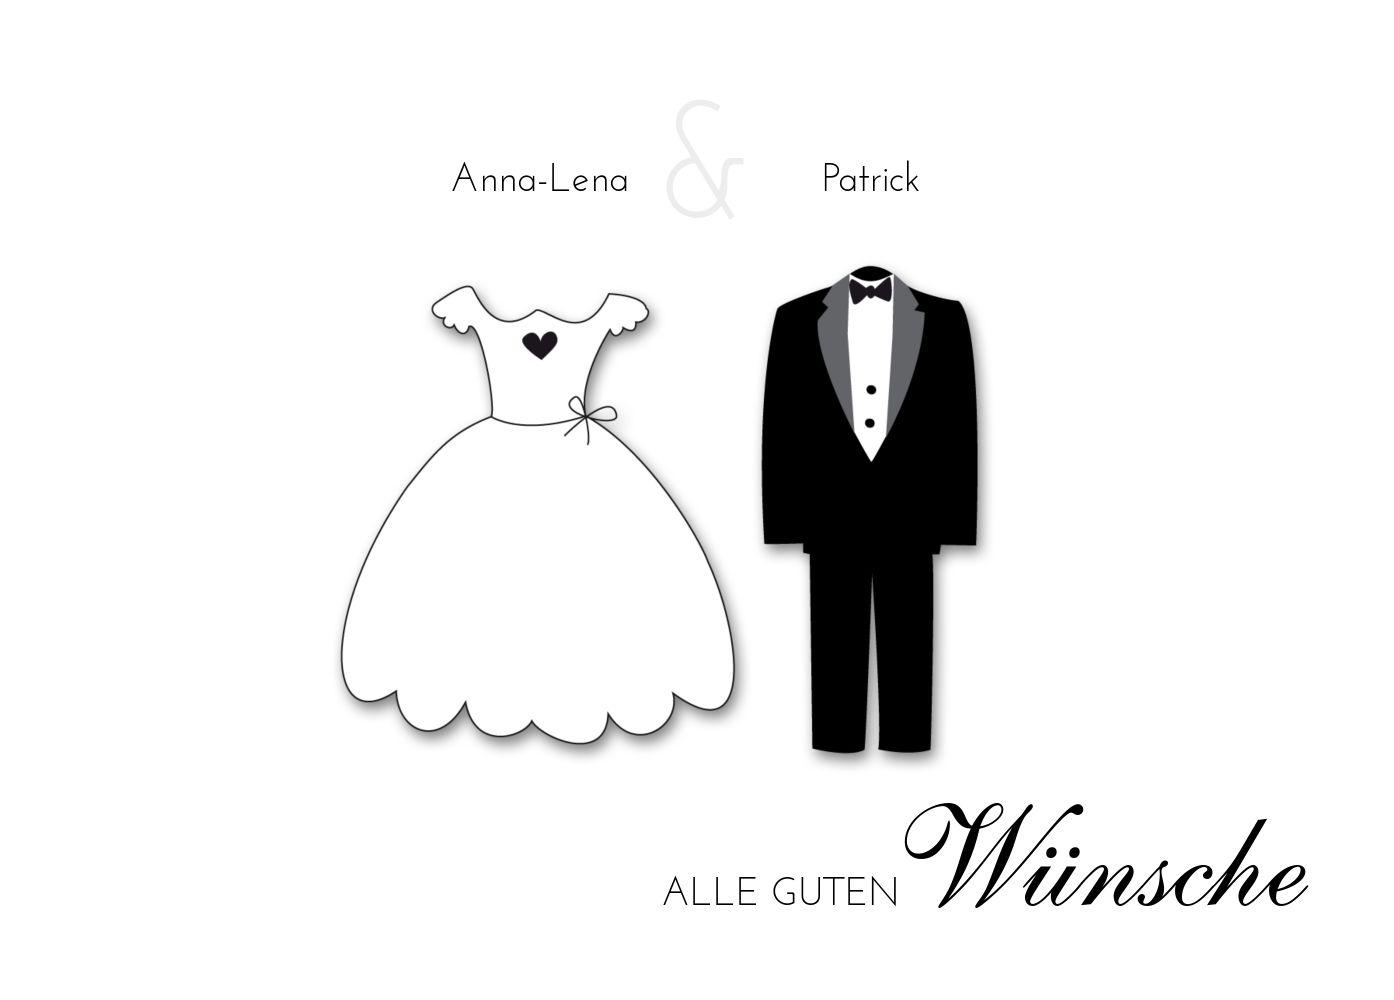 Ansicht 2 - Hochzeit Ballonkarte dress and suit